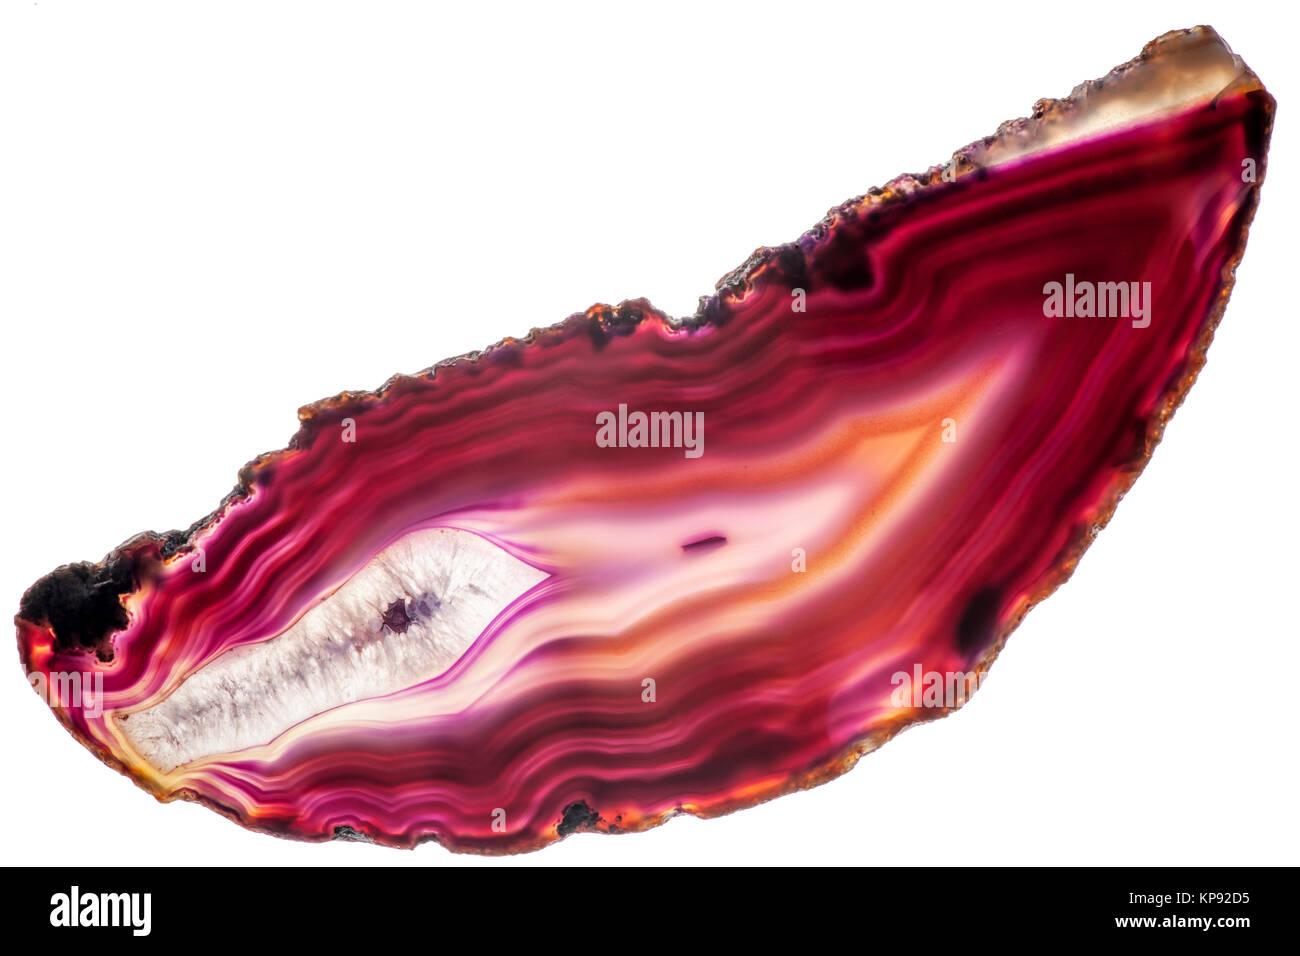 Ansicht einer länglich-flachen, polierten und transparenten Scheibe eines roten Achat mit pfeilförmigen - Stock Image